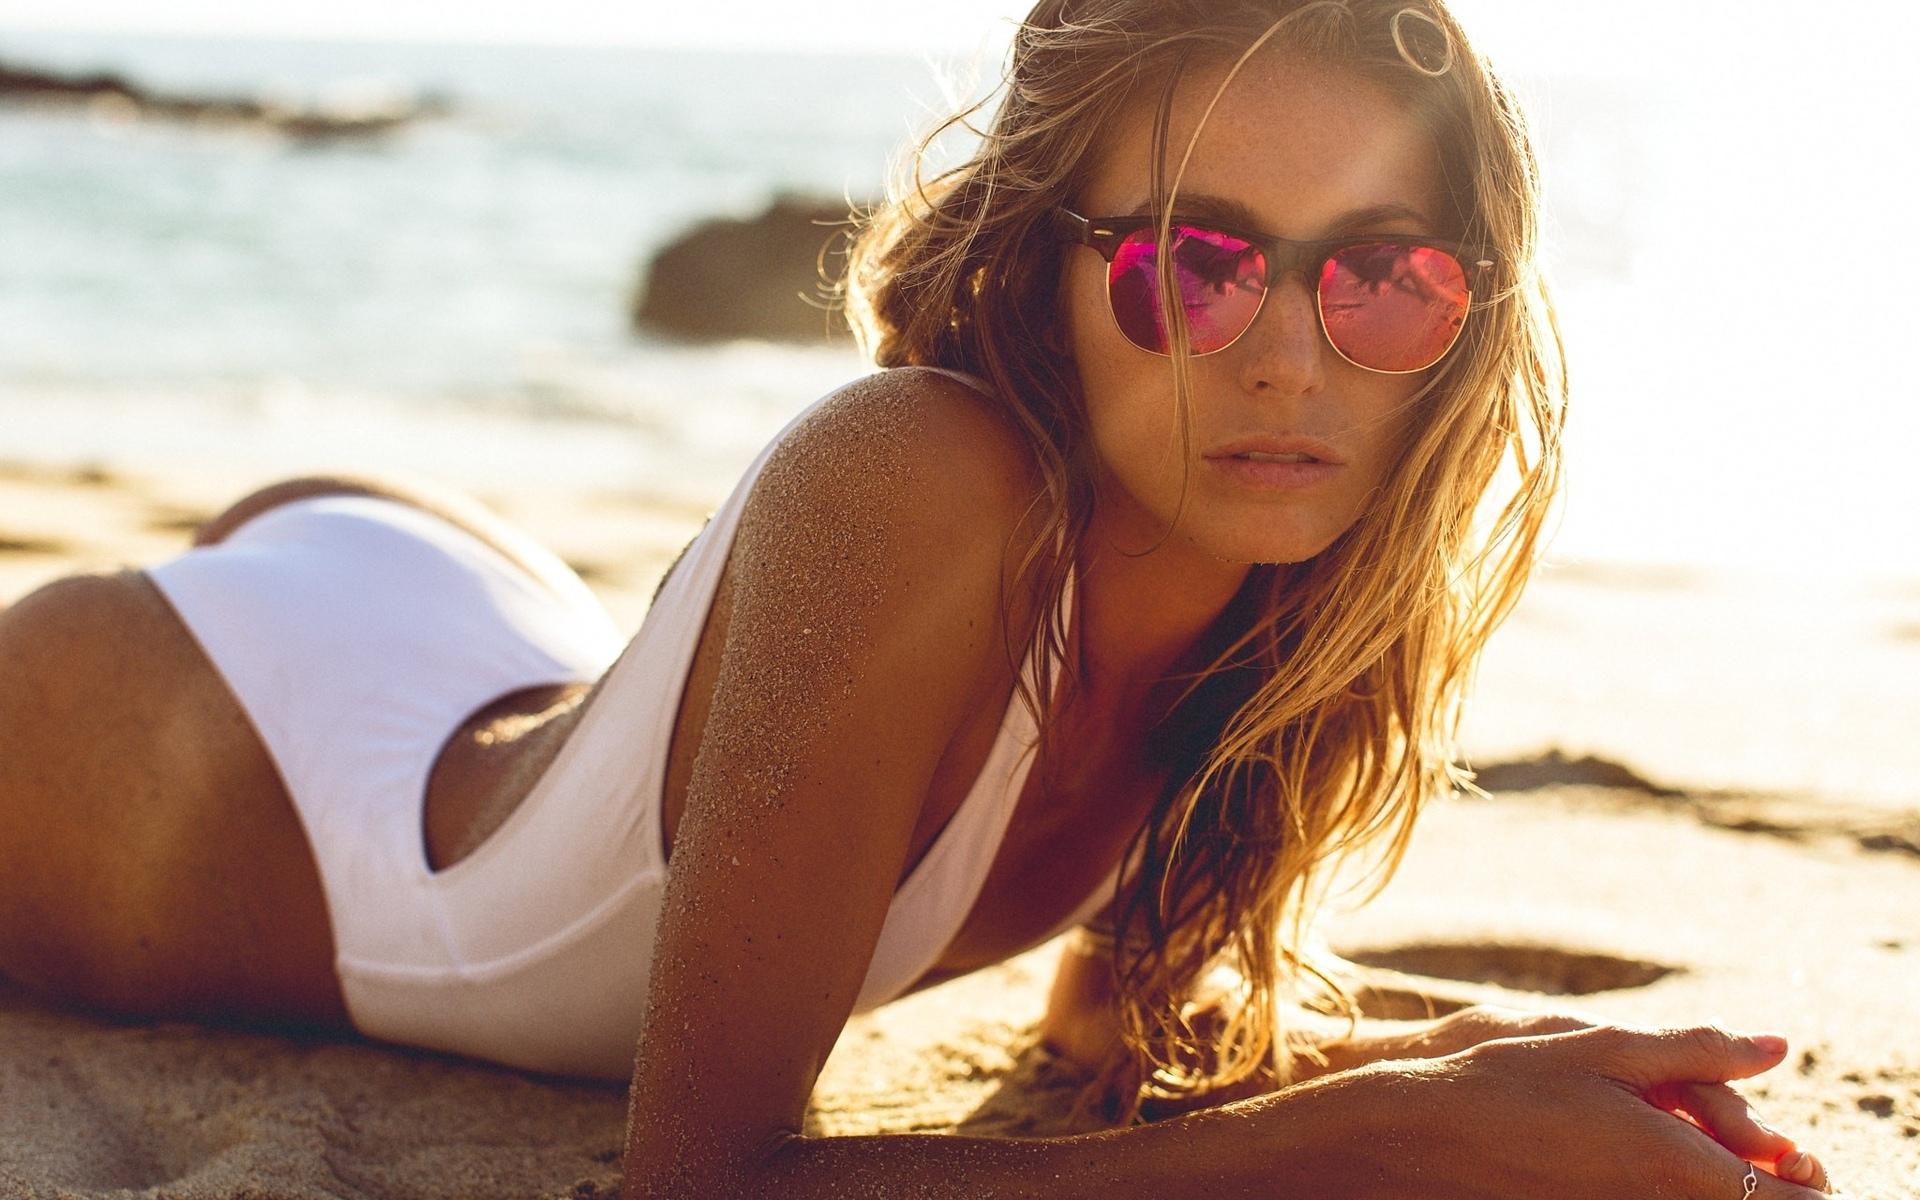 Картинки обычных шатенок на пляже в очках волосатые худые